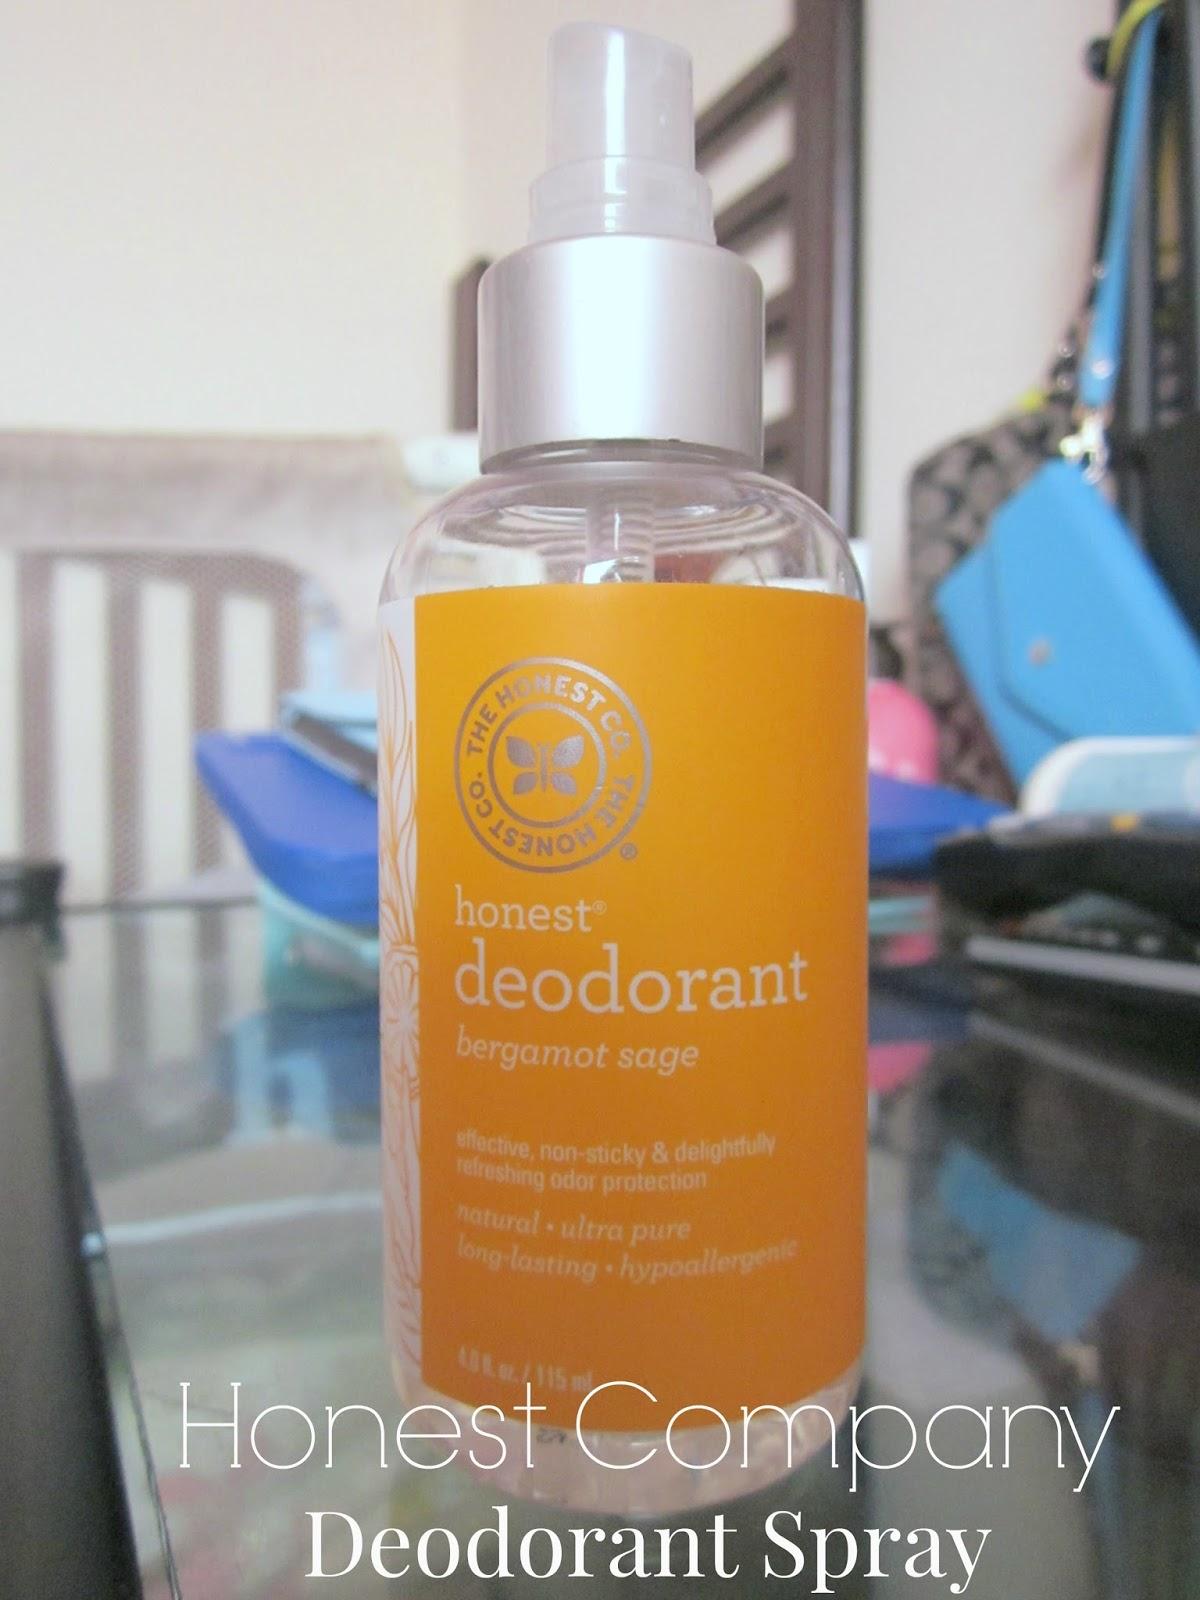 honest company deodorant